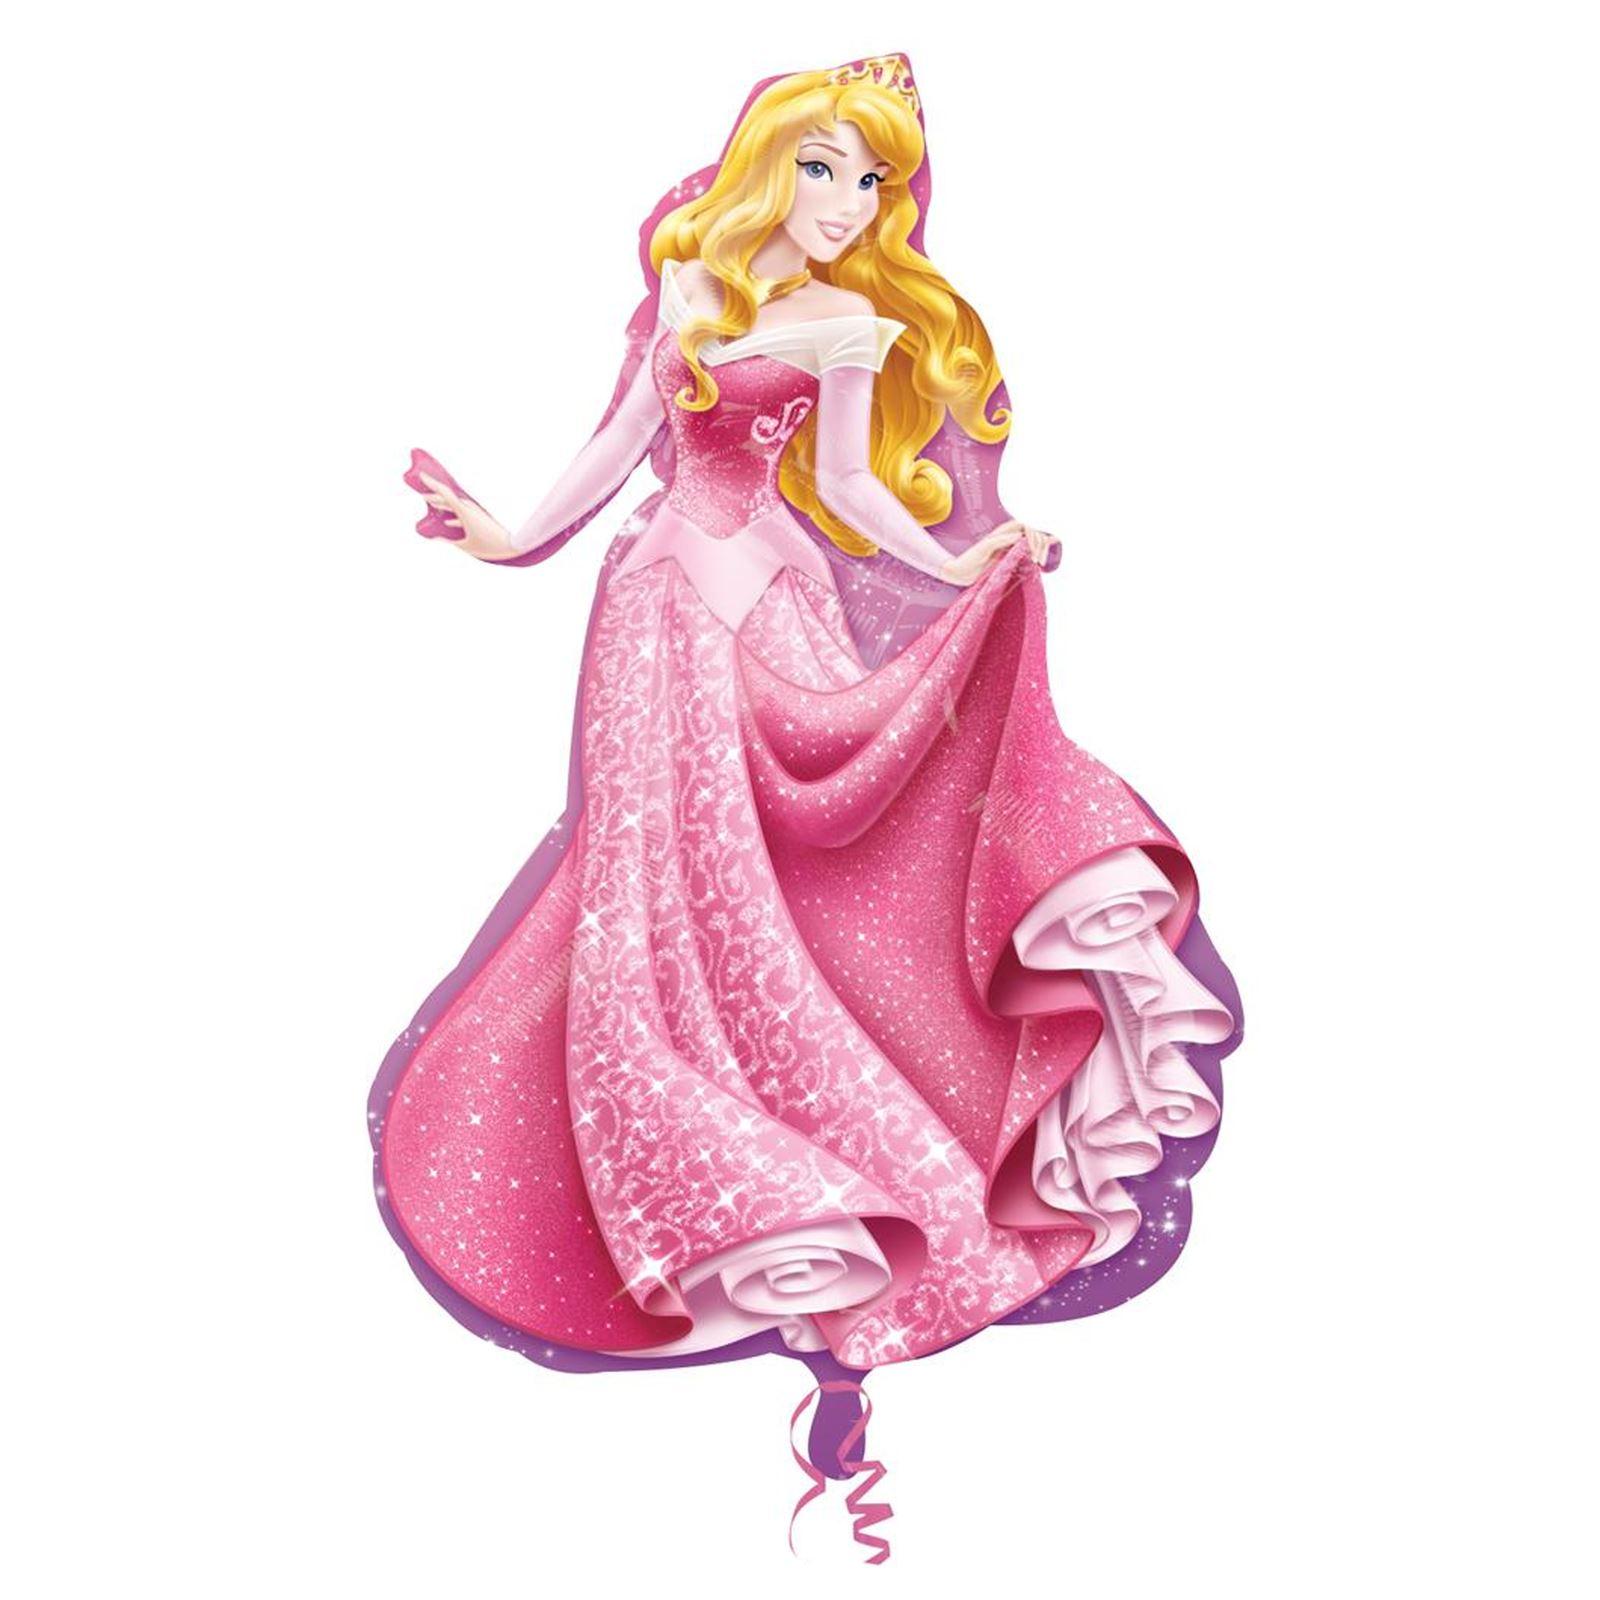 Officiel-disney-princesse-plat-ballon-geant-cadeau-filles-fete-d-039-anniversaire-decoration miniature 5